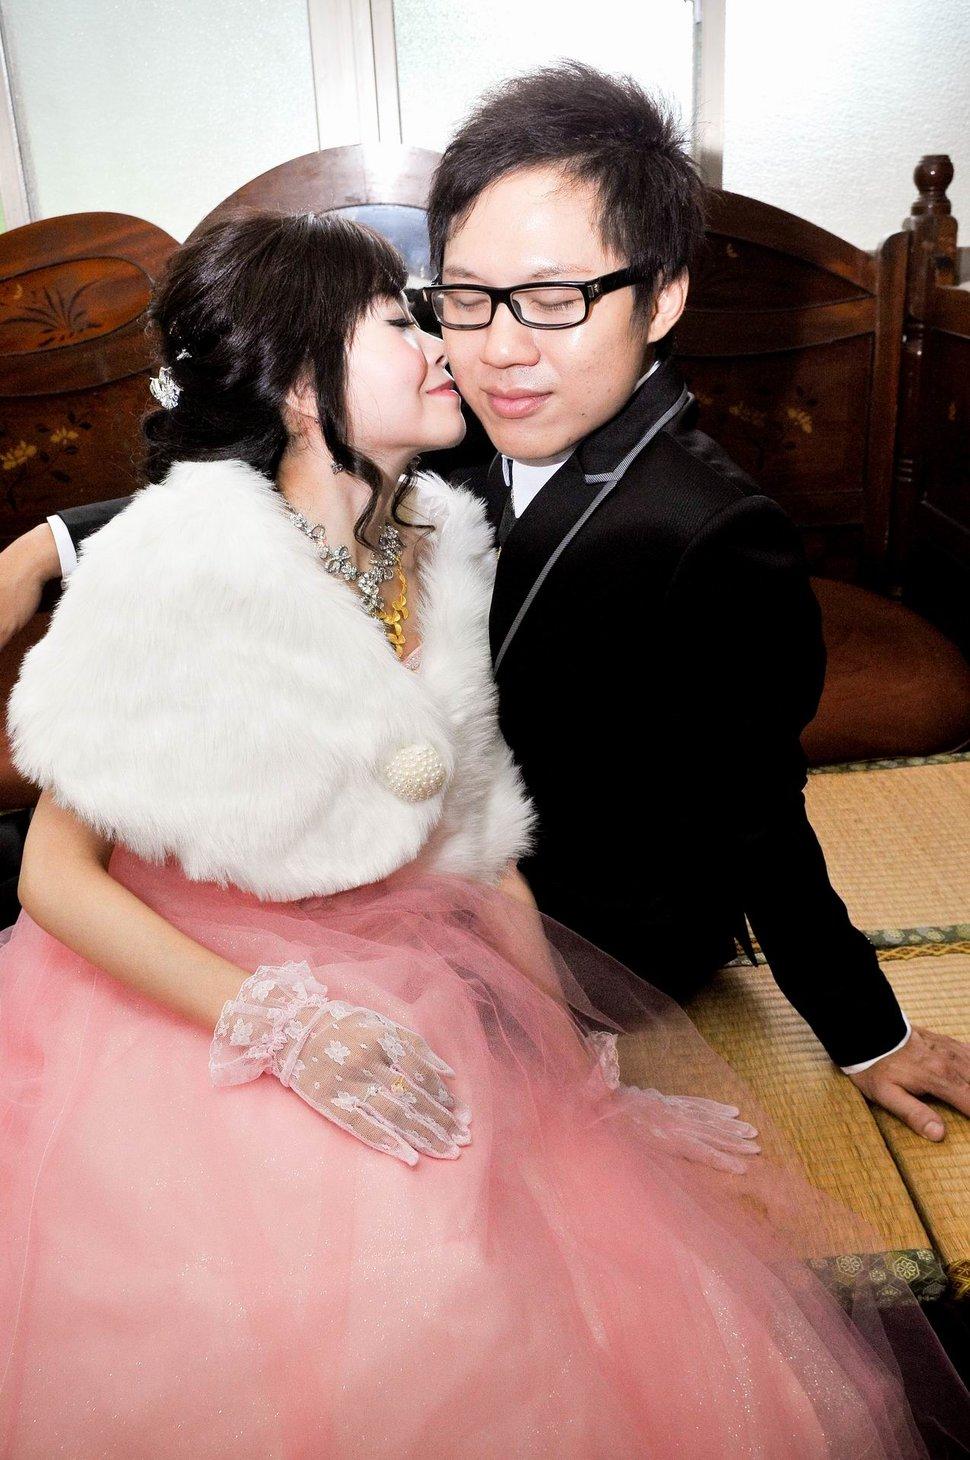 文山區老泉街清靜緣文定儀式午宴婚禮記錄結婚迎娶婚禮記錄動態微電影錄影專業錄影平面攝影婚攝婚禮主持人(編號:228150) - 蜜月拍照10800錄影12800攝影團隊 - 結婚吧